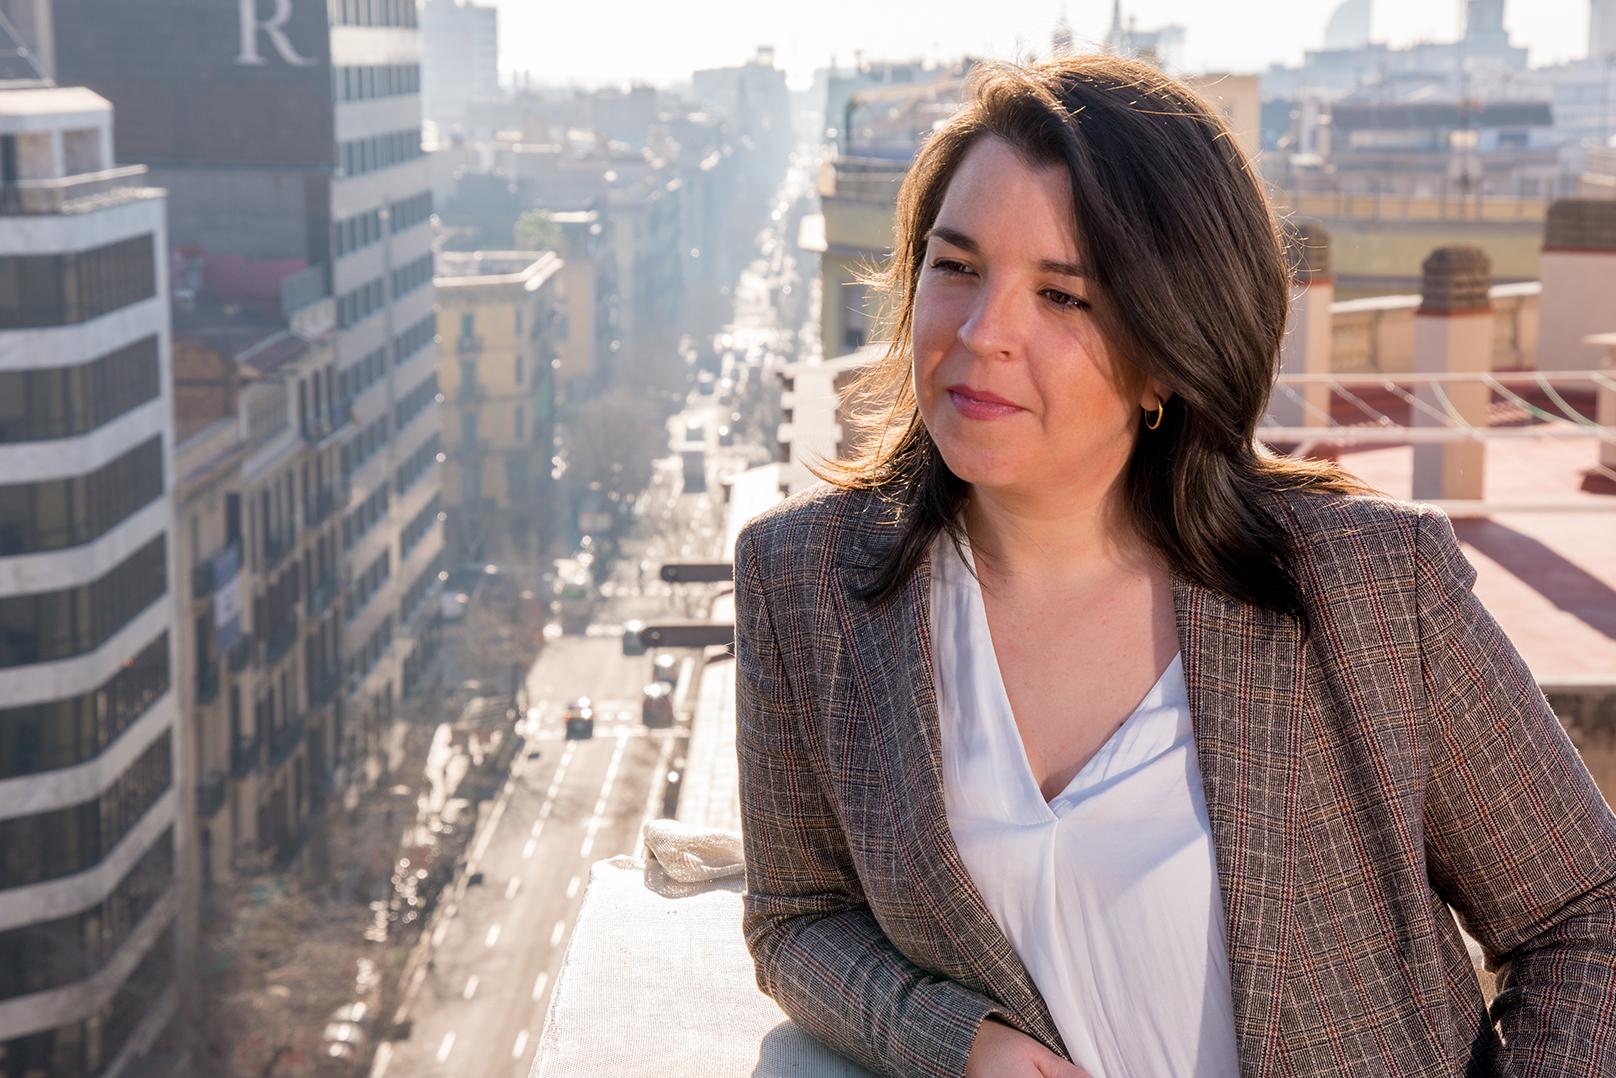 Mª Eugenia Blasco habla sobre la importancia de la comunicación multicultural en las empresas en Ràdio